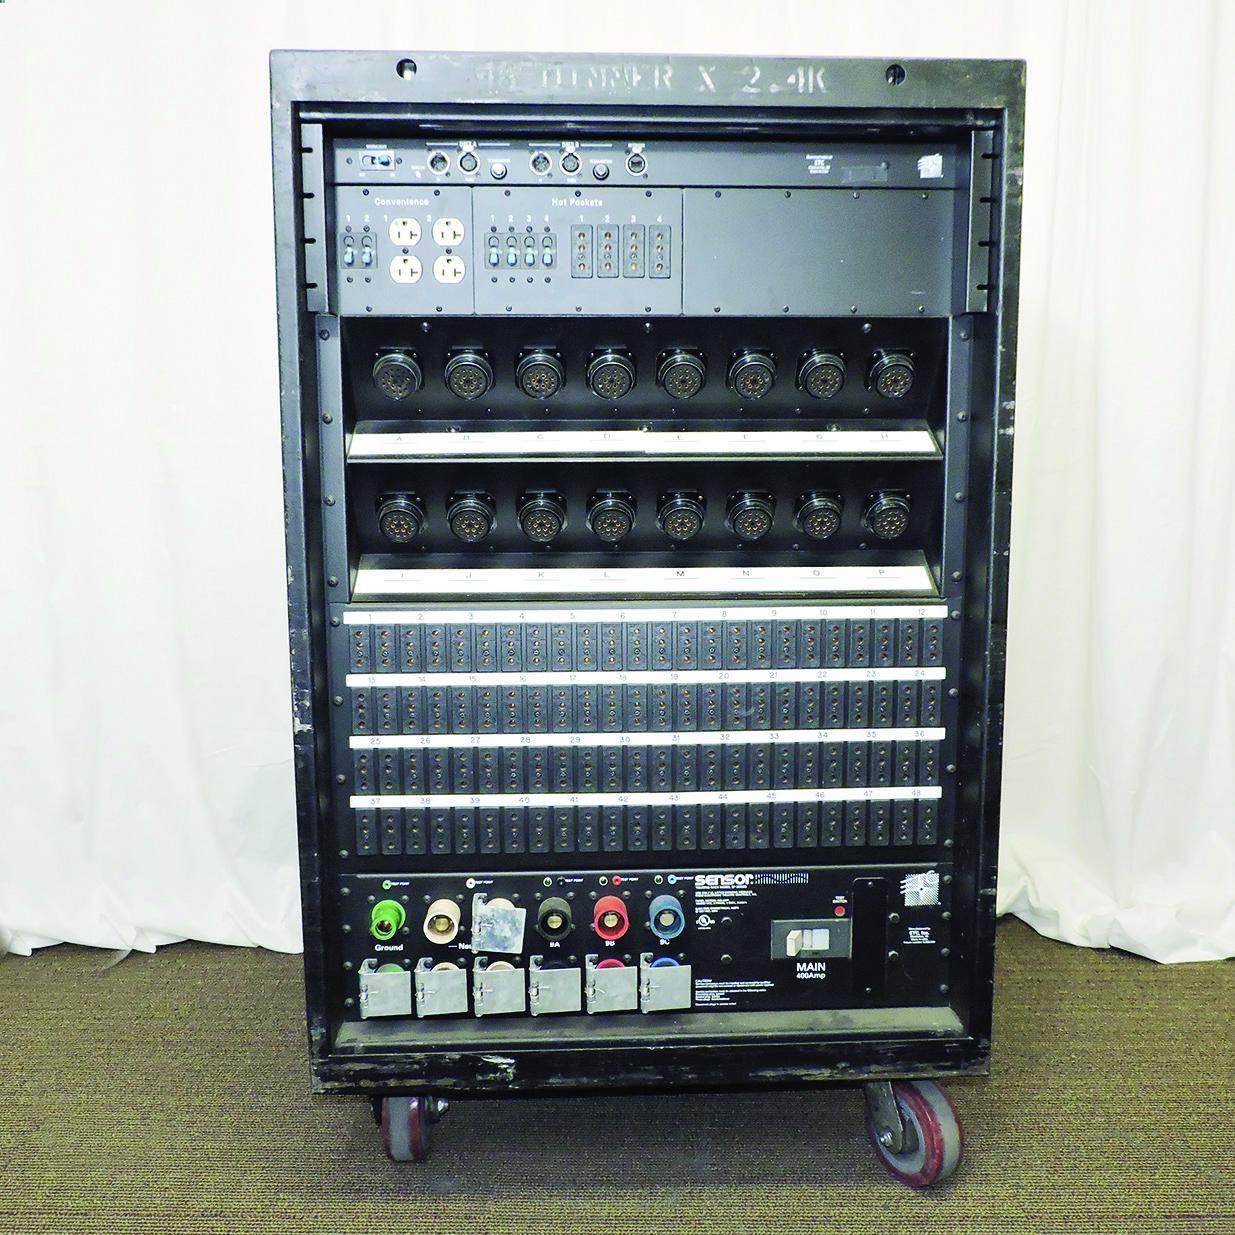 PRG Proshop - ETC Sensor 3 Dimmer Rack 48 x 2 4K - 400 Amp 4 Patch